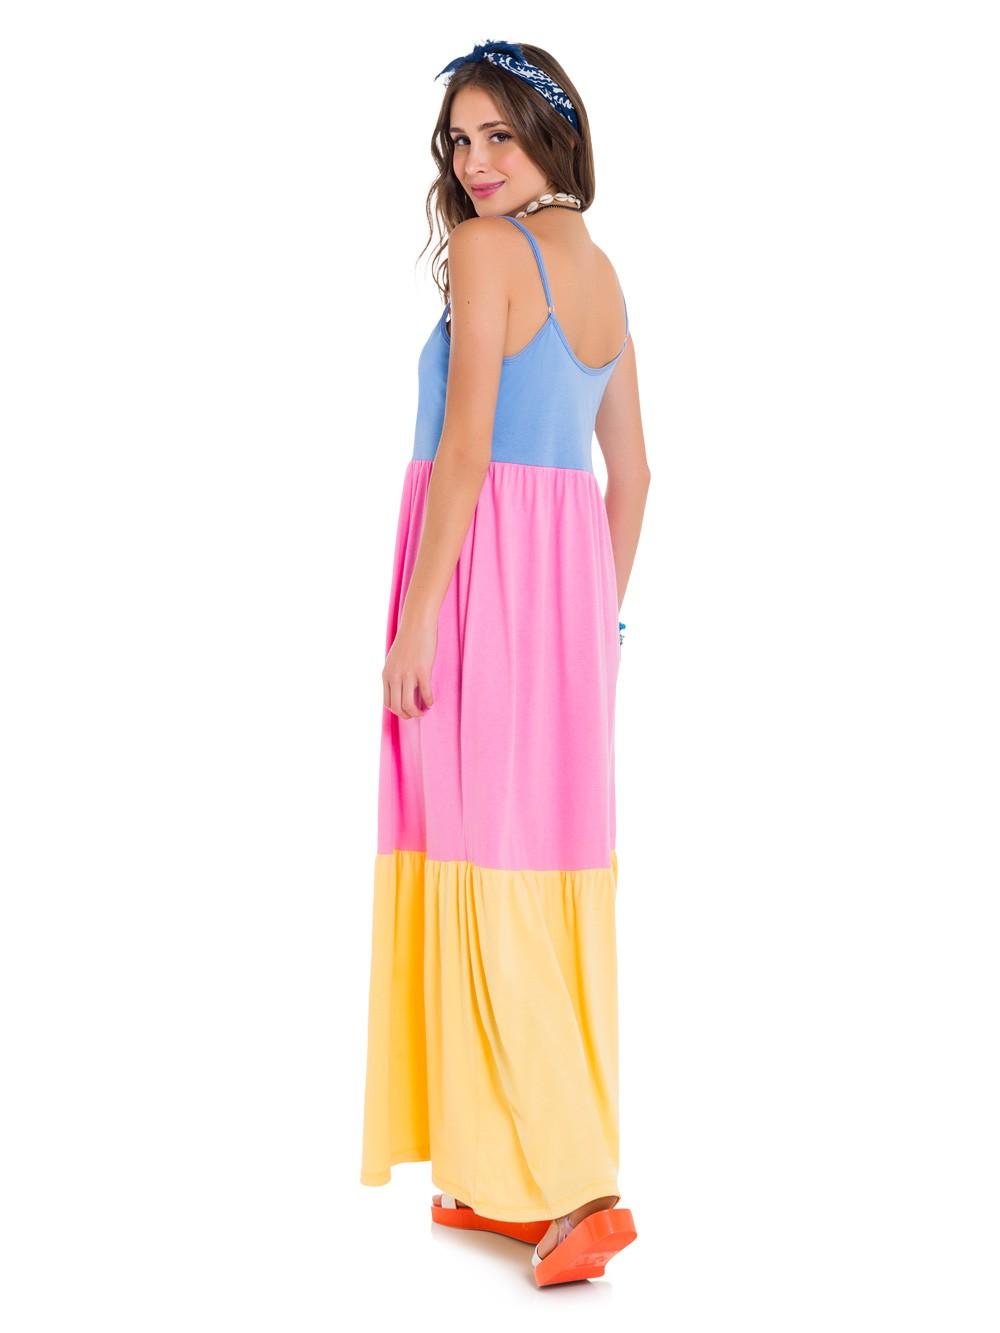 Camisola longa alcinha colorida fresquinha estilosa lançamento